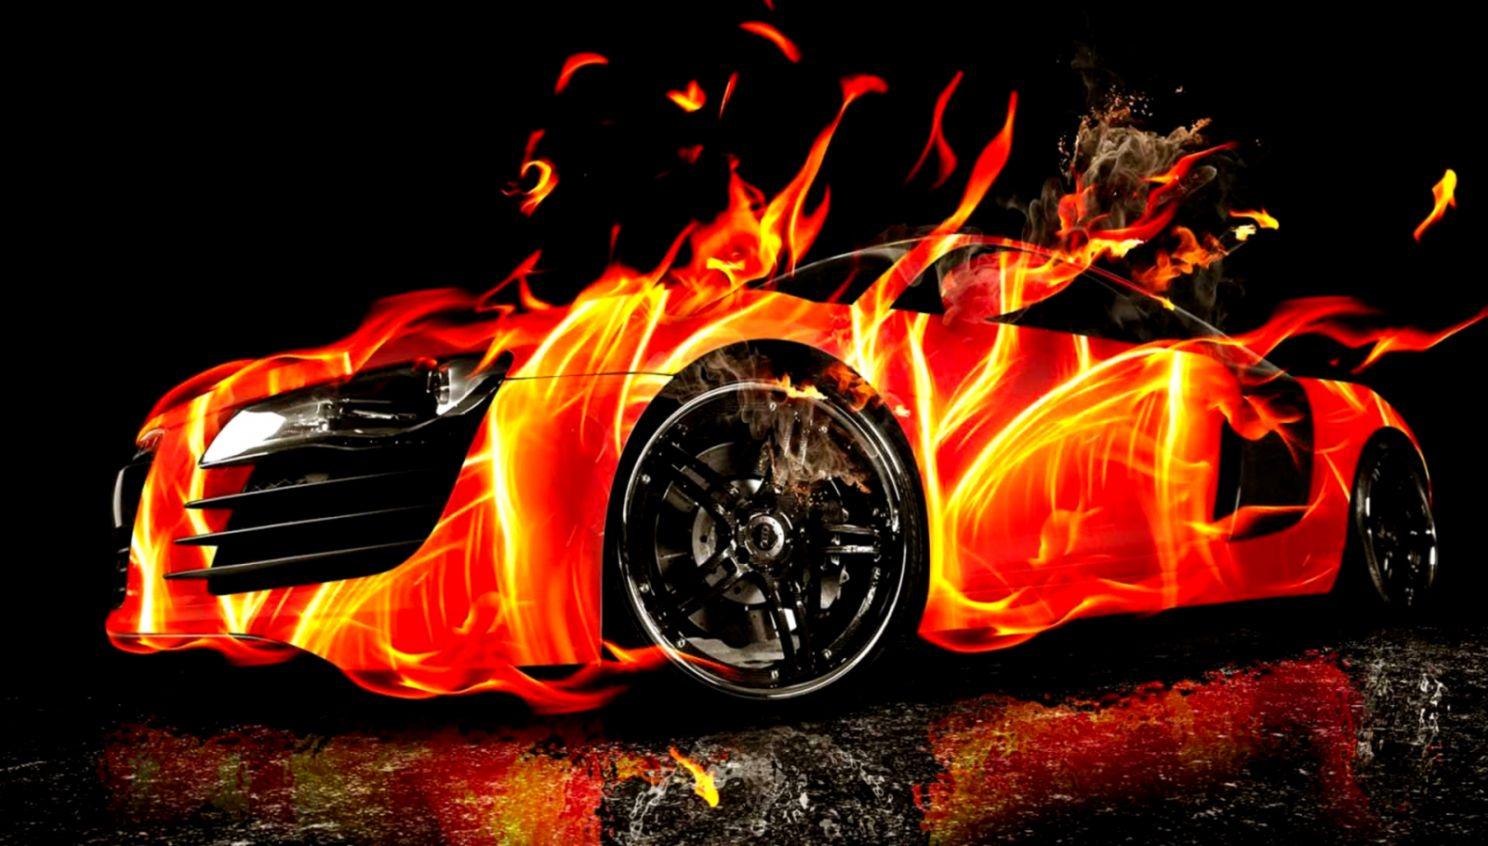 3d Absract Cars Hd Wallpaper 1080p Mega Wallpapers